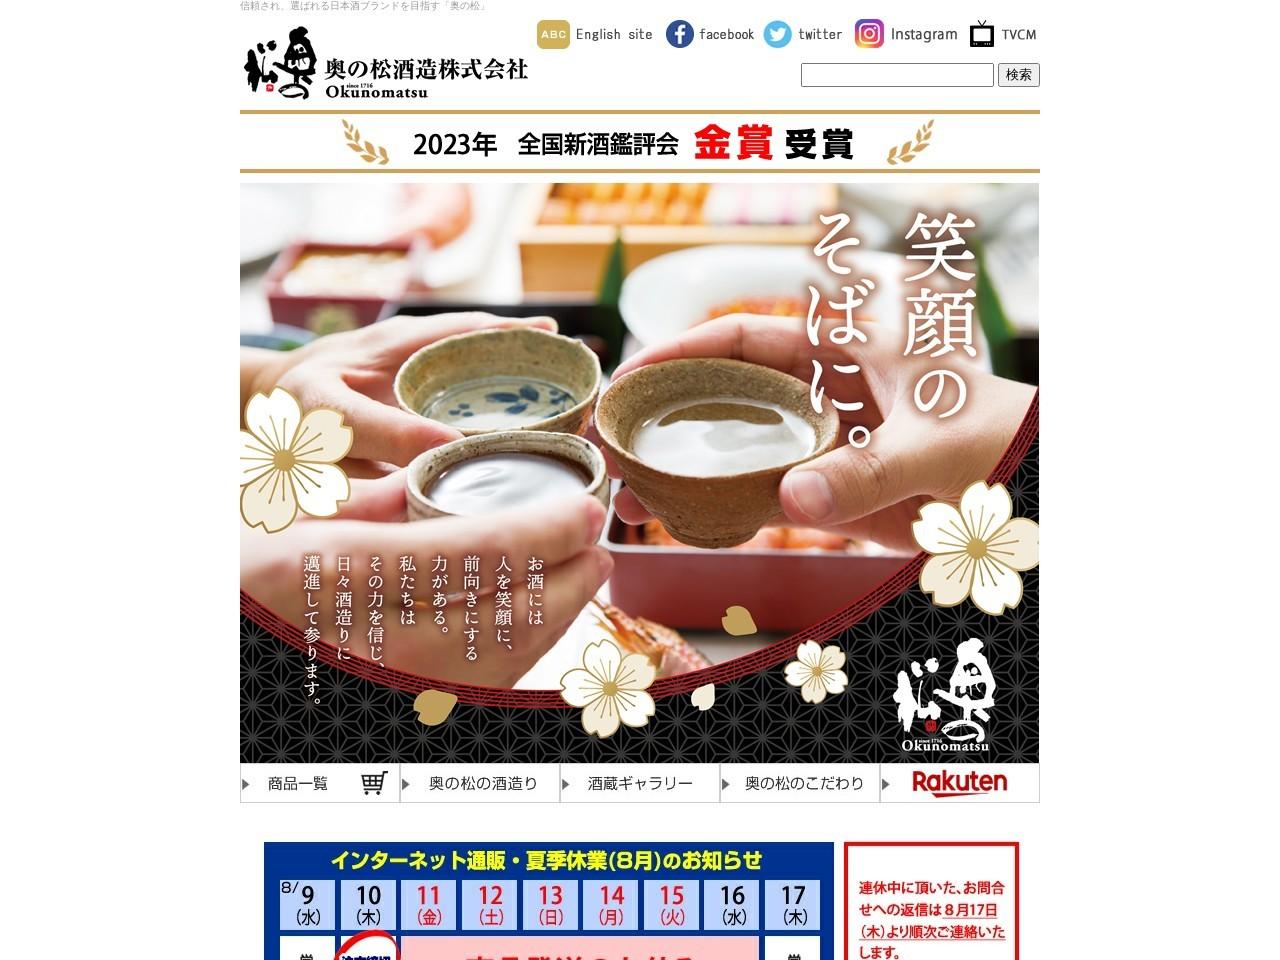 奥の松酒造株式会社|日本酒の伝統を守りながら革新を続ける金賞受賞蔵